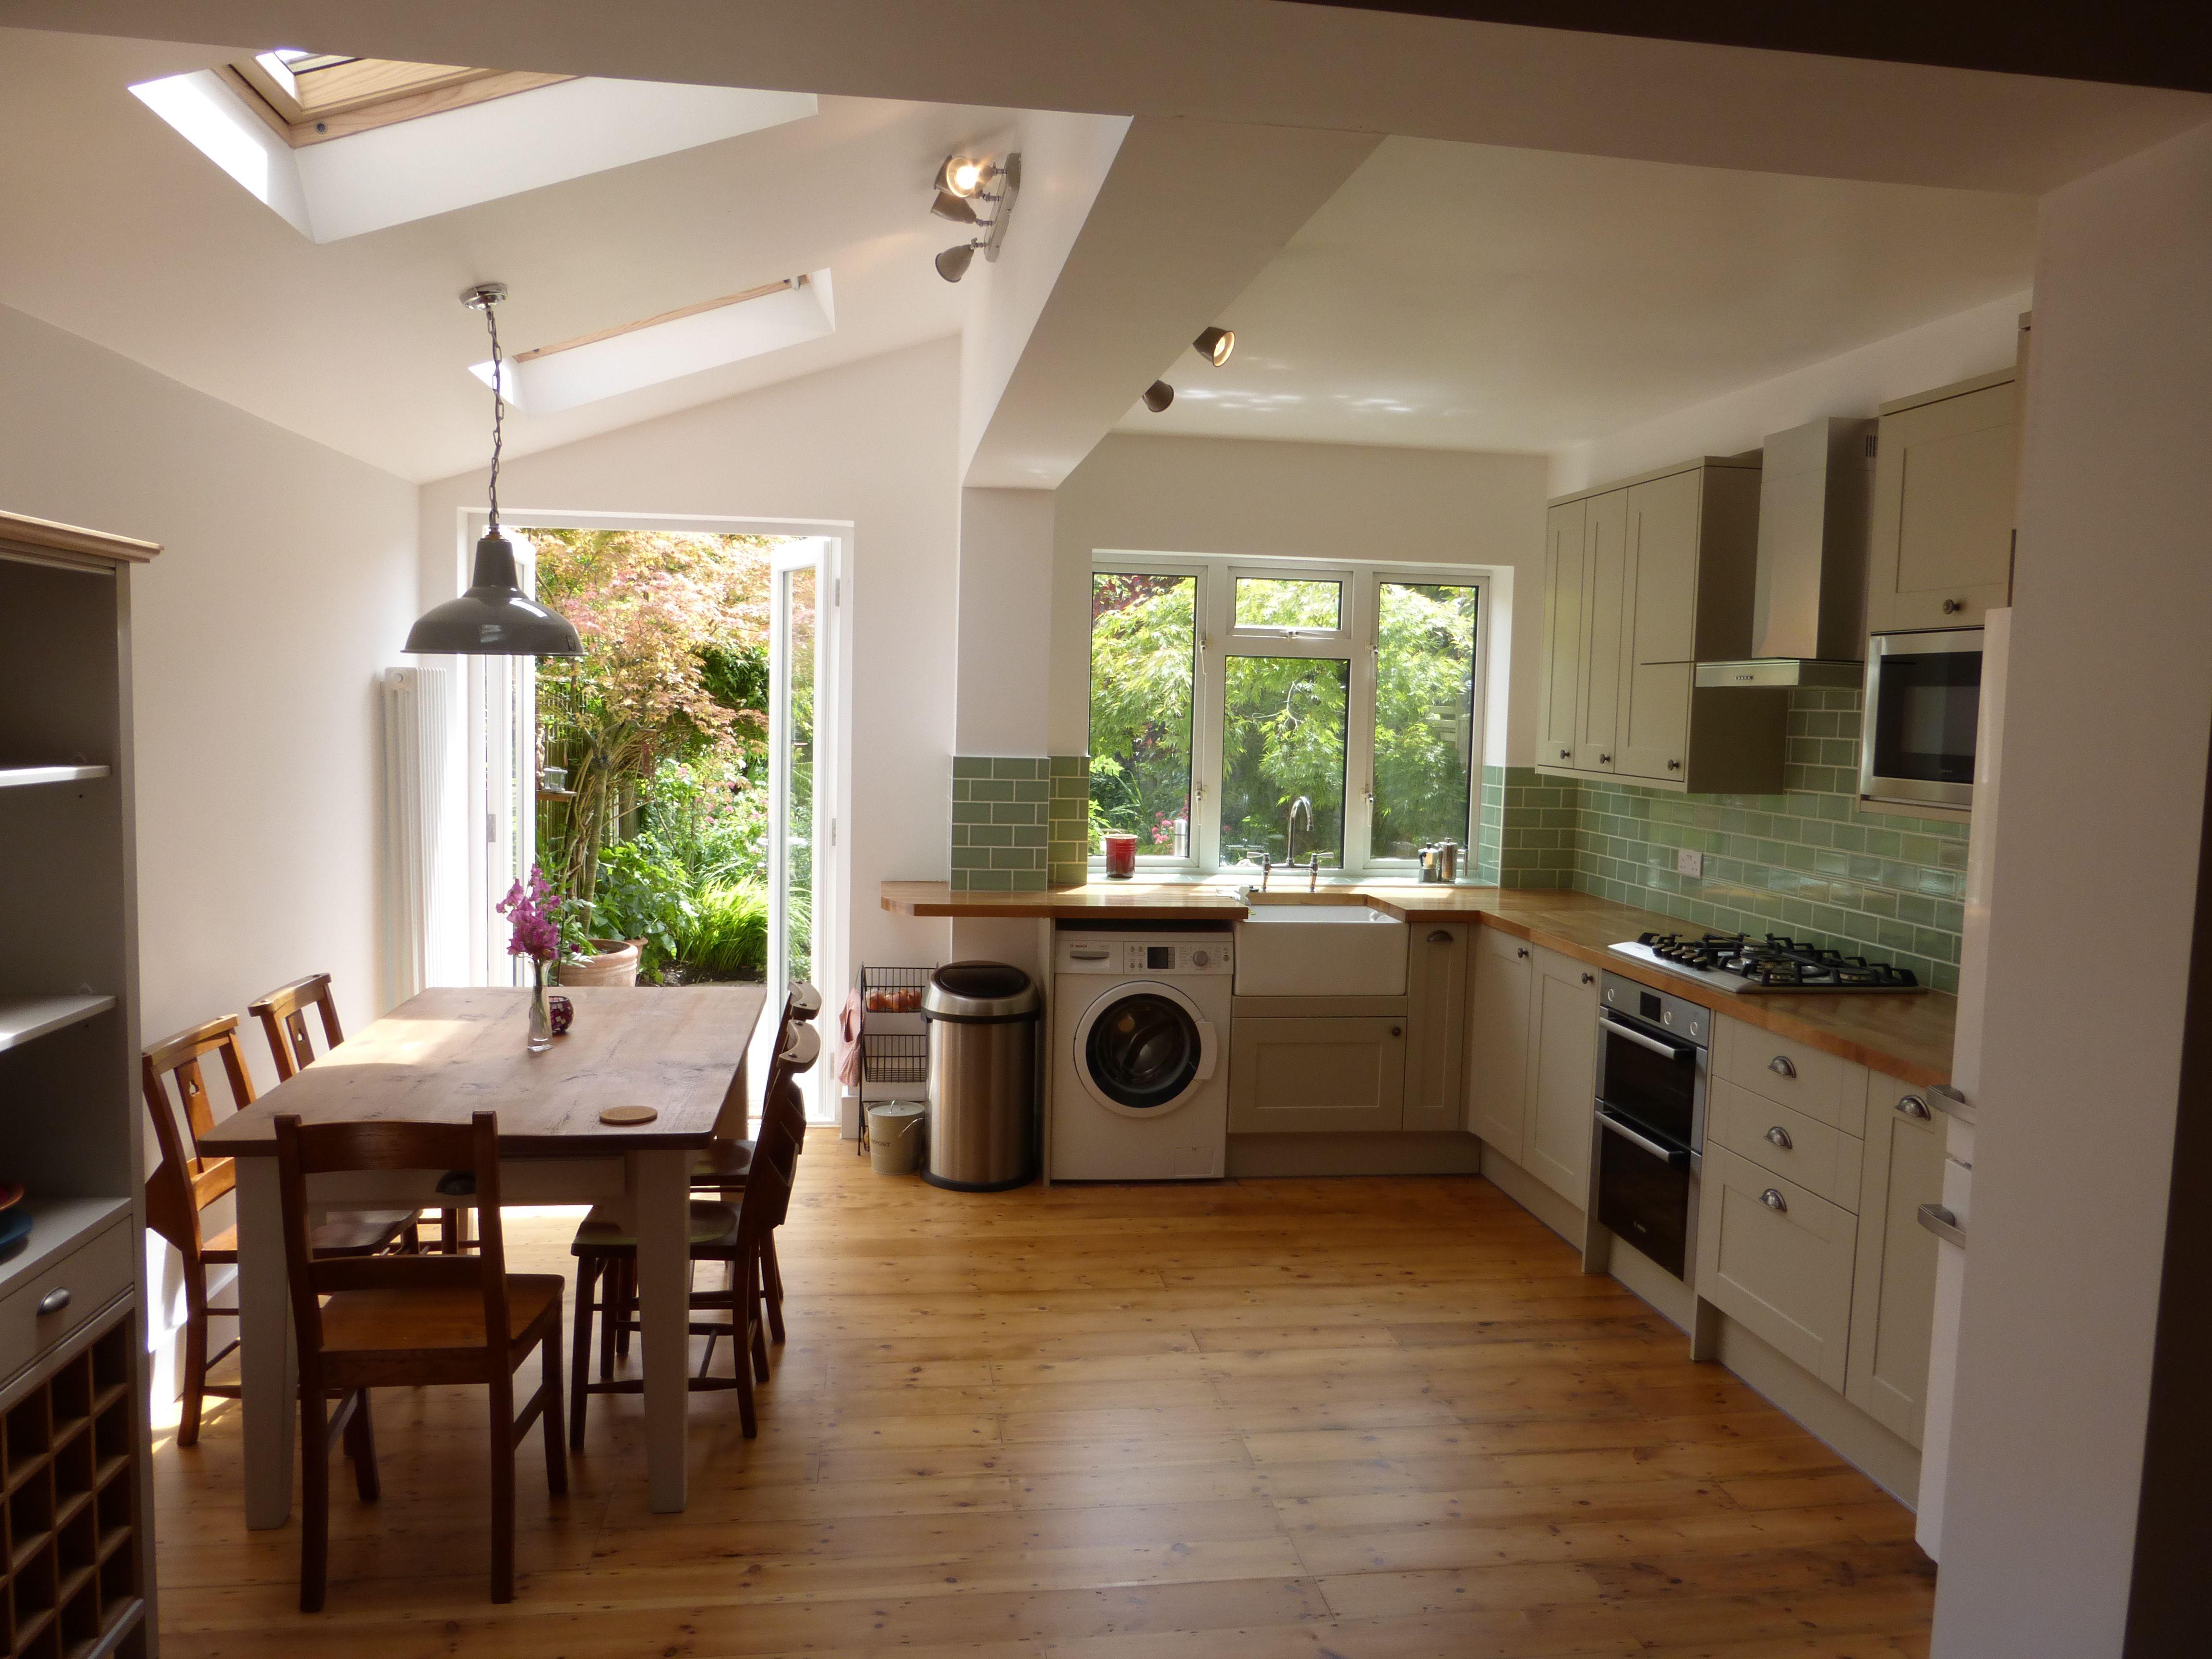 side return kitchen extension jpg 4608 3456 home extensions pinterest side return. Black Bedroom Furniture Sets. Home Design Ideas